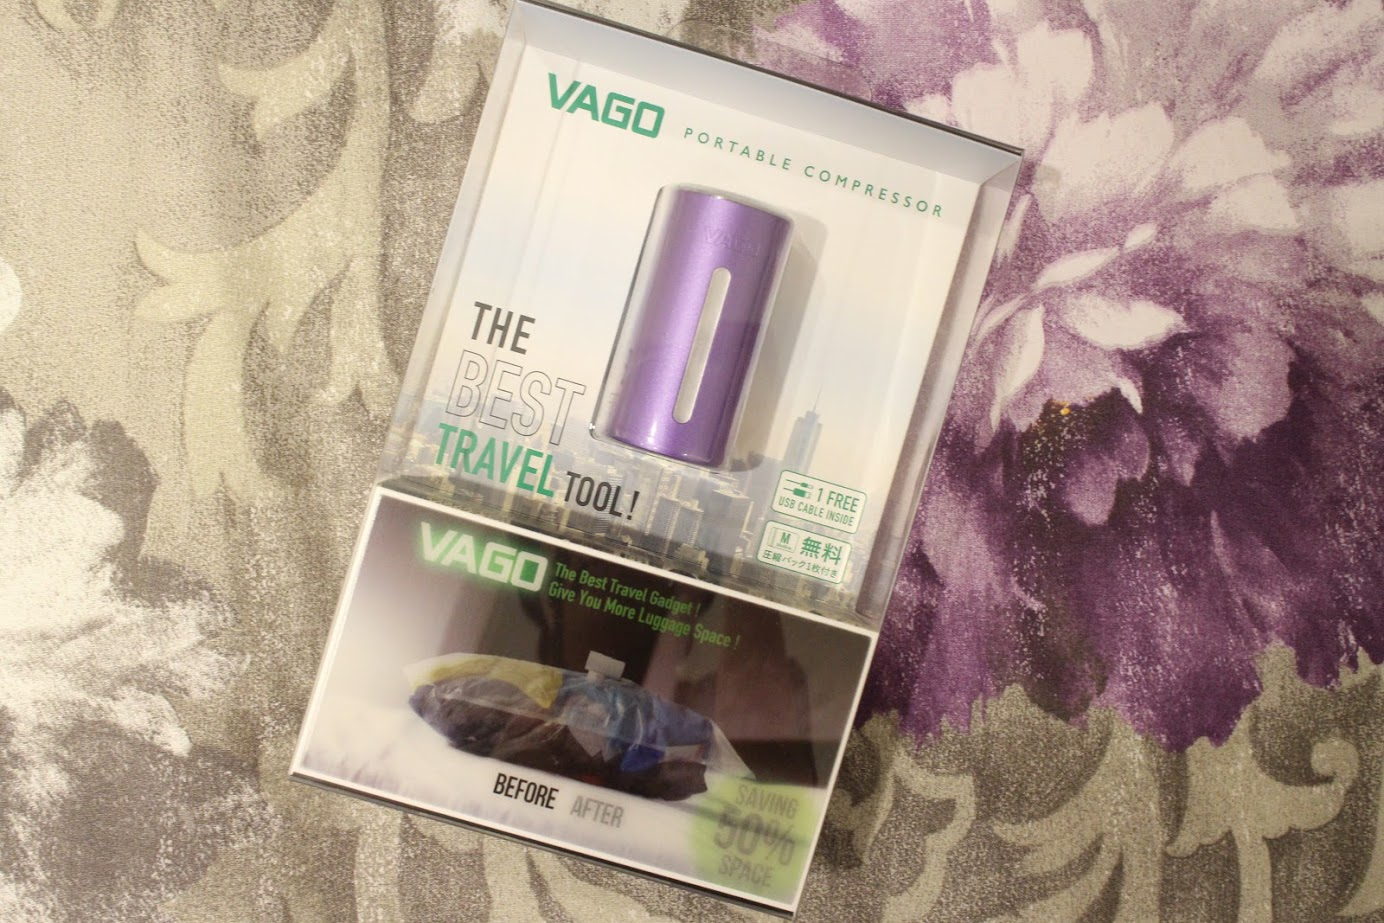 旅行必備收納【VAGO真空壓縮收納器】最輕巧真空收納器,出門收行李超方便 @秤瓶樂遊遊